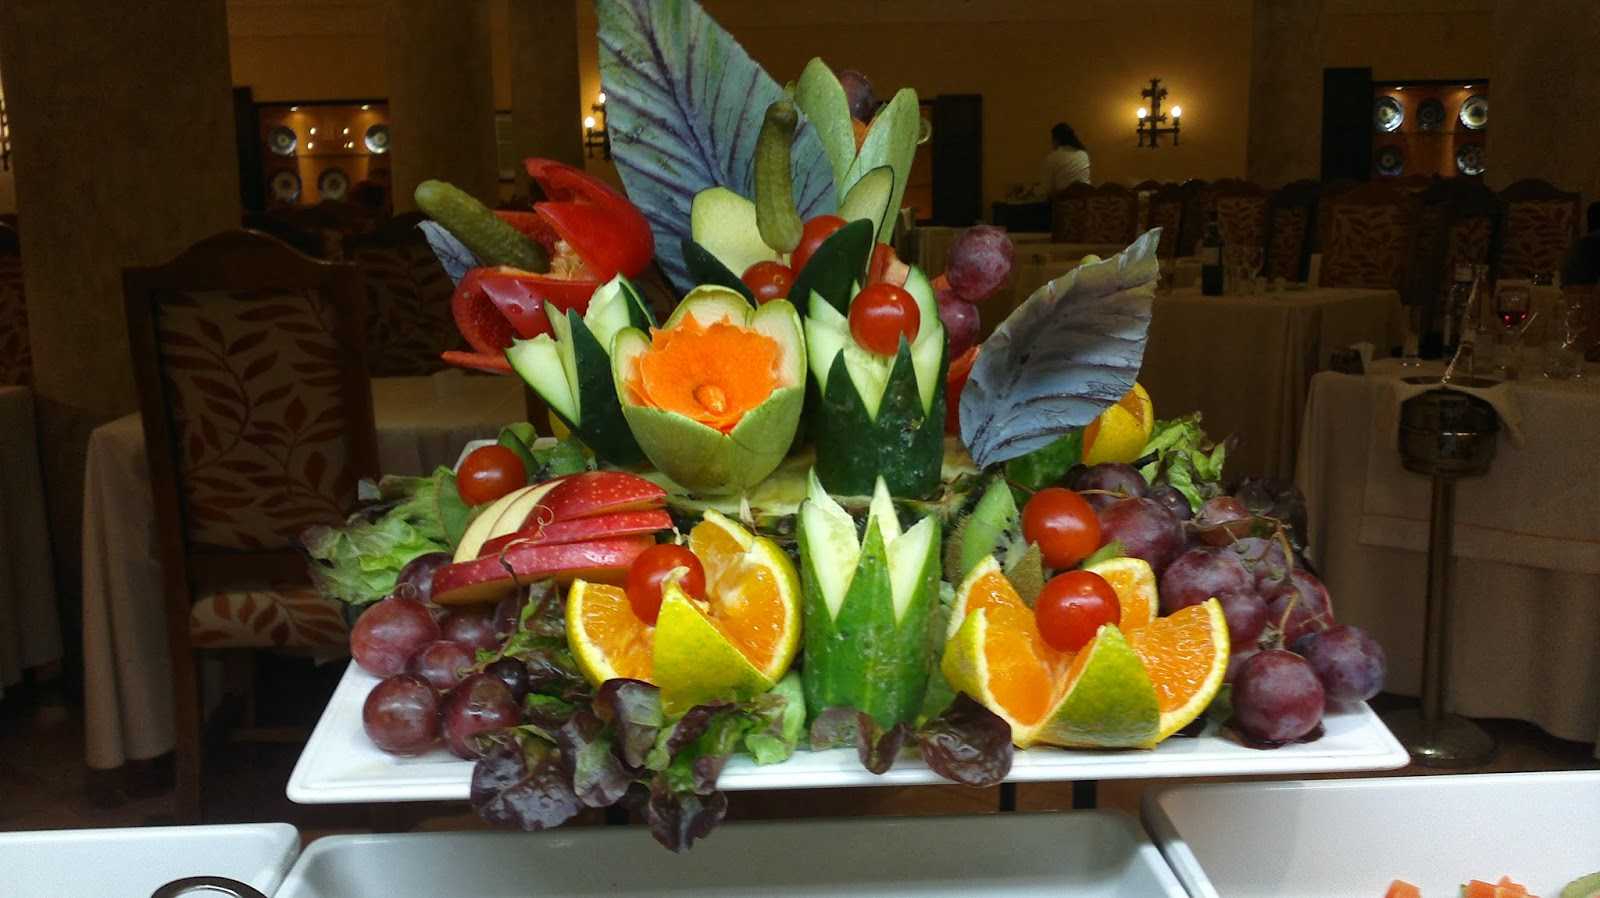 ensaladas en la mesa decoraci n de frutas y verduras